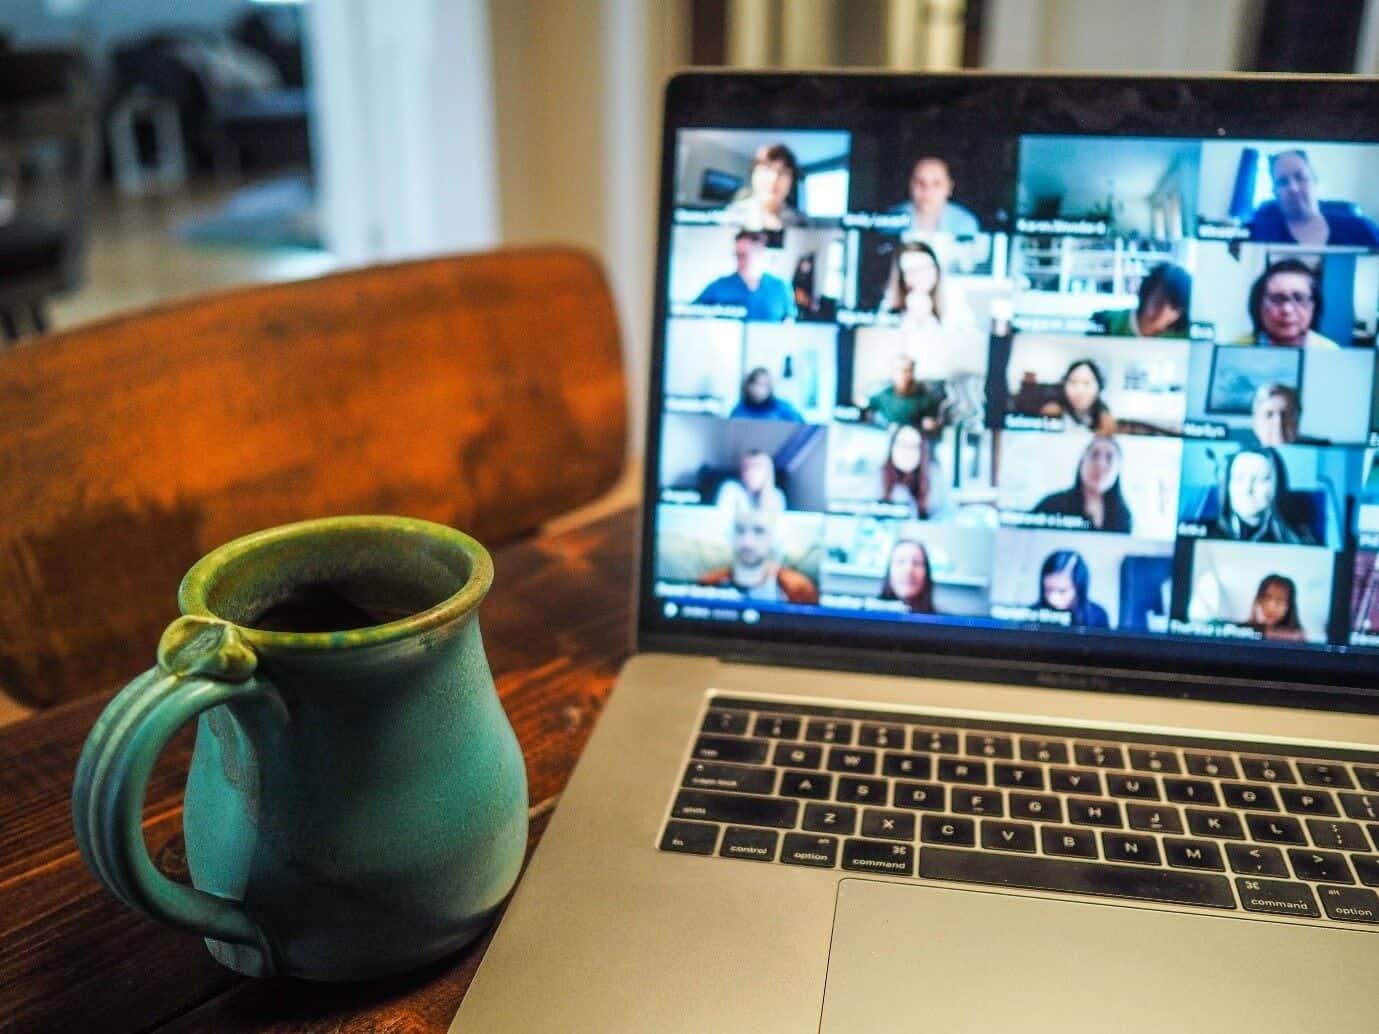 content/de-de/images/repository/isc/2020/videoconferencing1.jpg